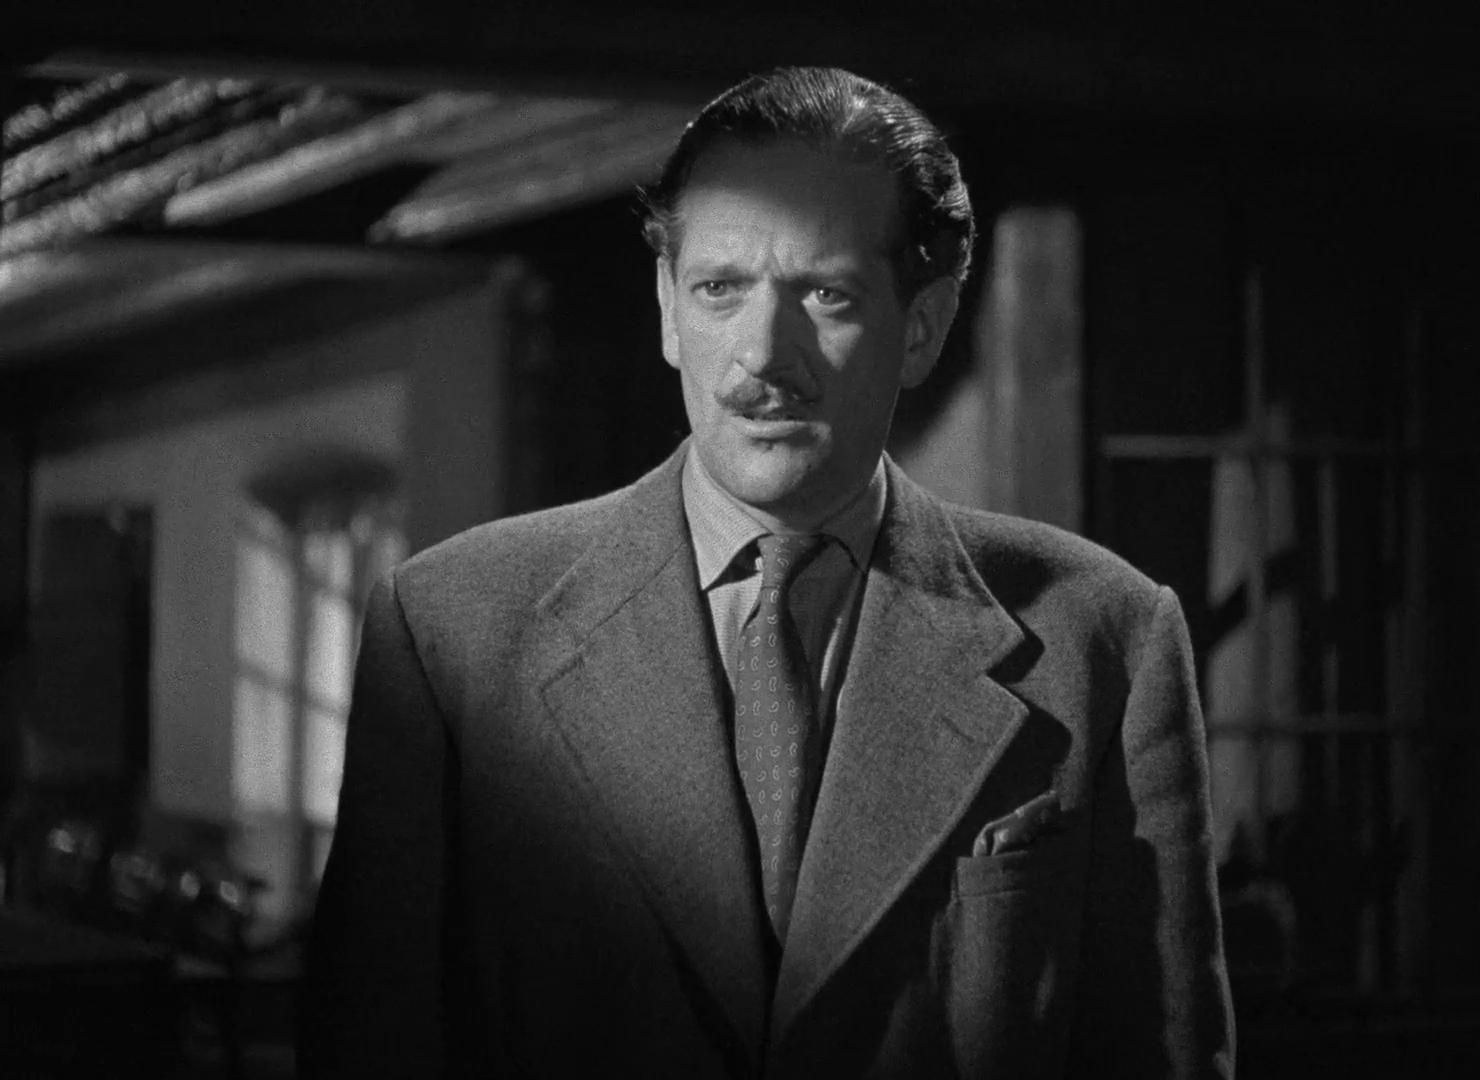 Guy Middleton dans le film The halfway house (L'auberge fantôme, 1944) de Basil Dearden